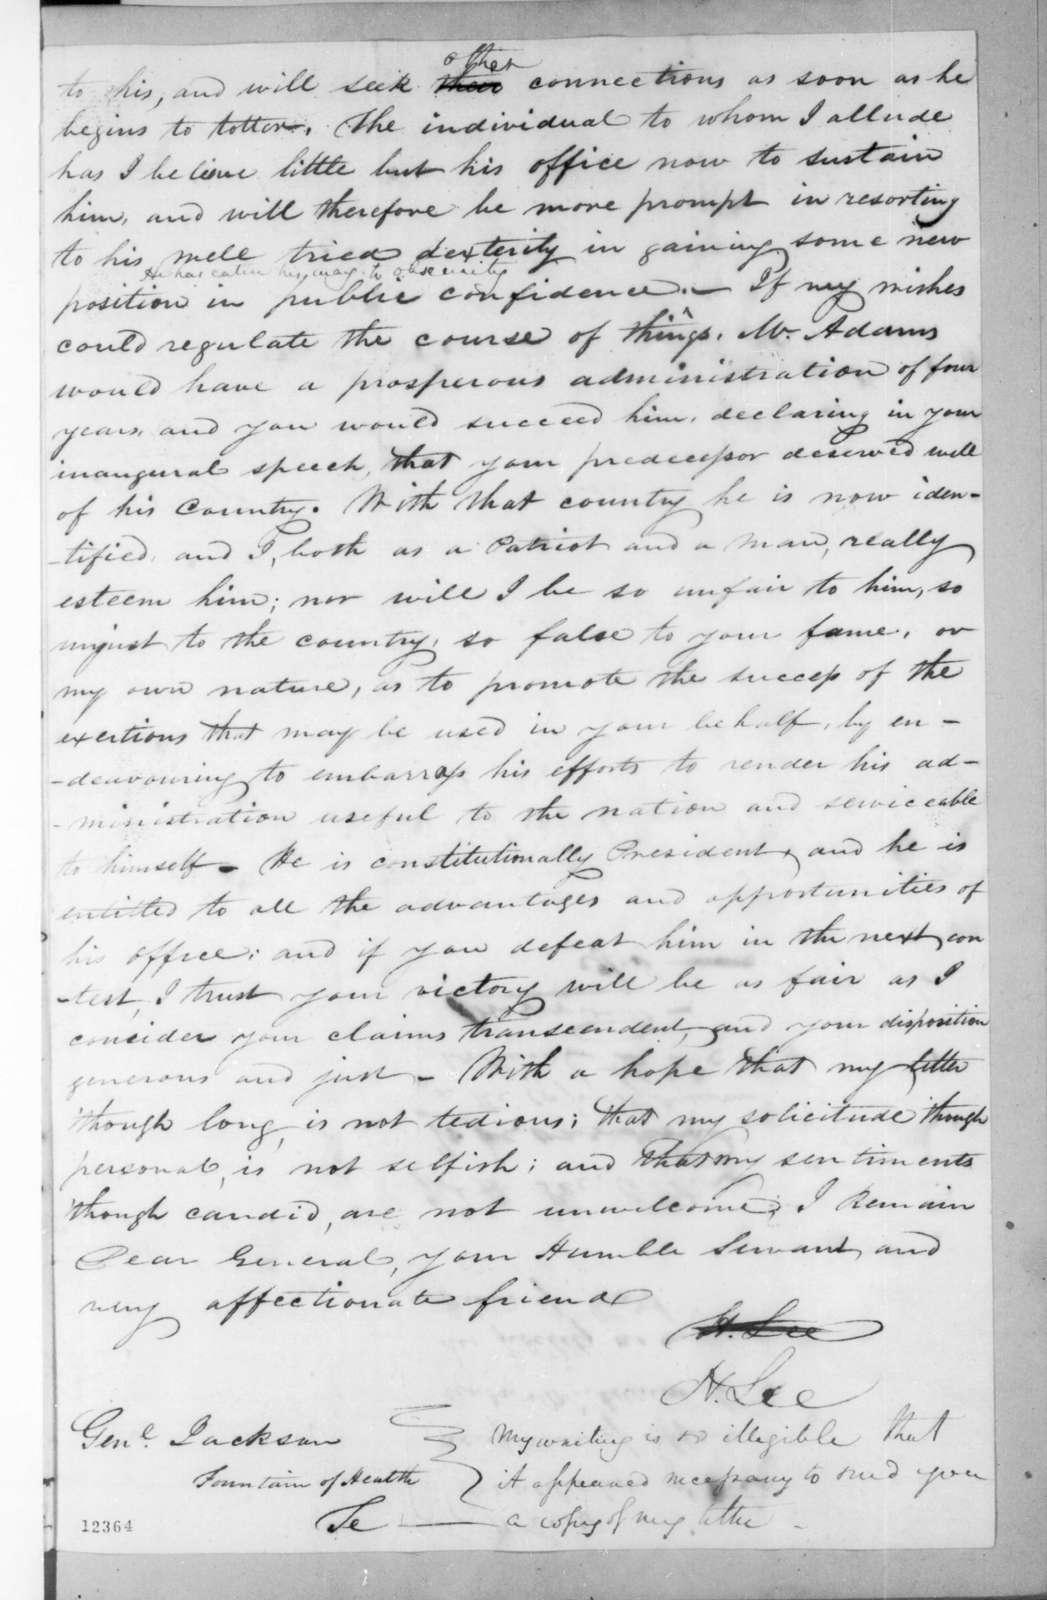 Henry Lee to Andrew Jackson, September 11, 1825